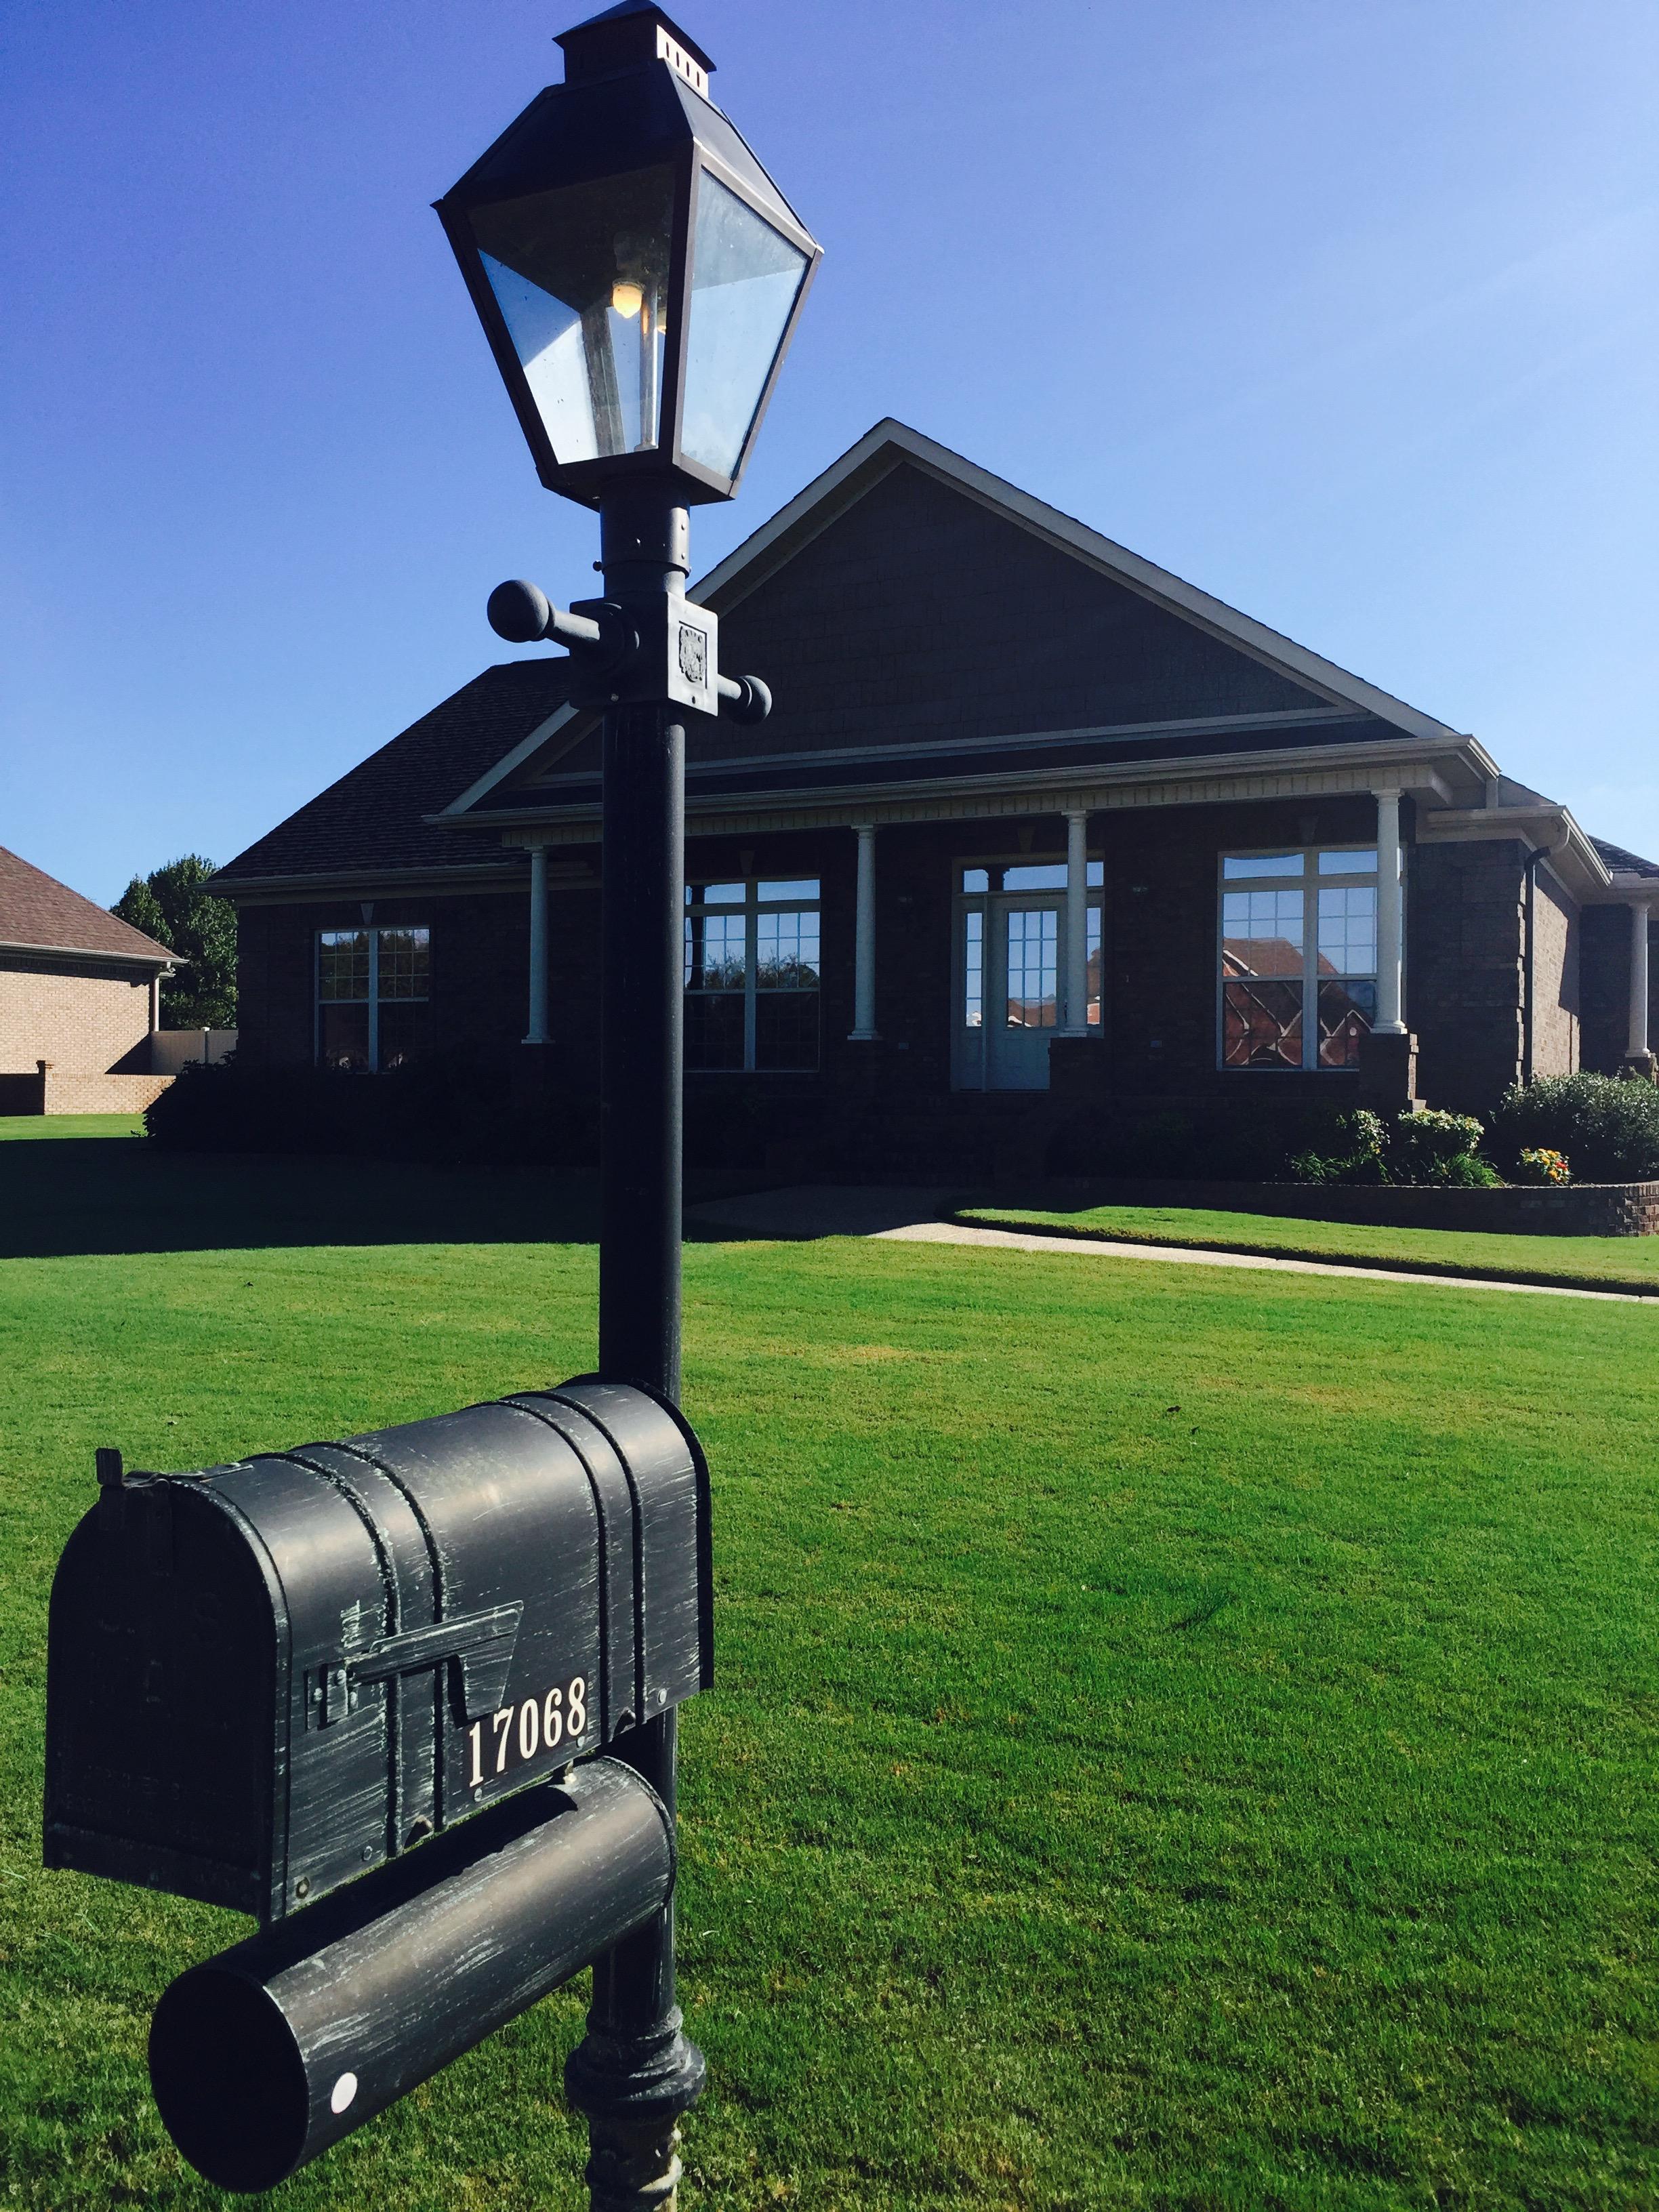 17068 Leatherwood, Athens, Alabama 35611